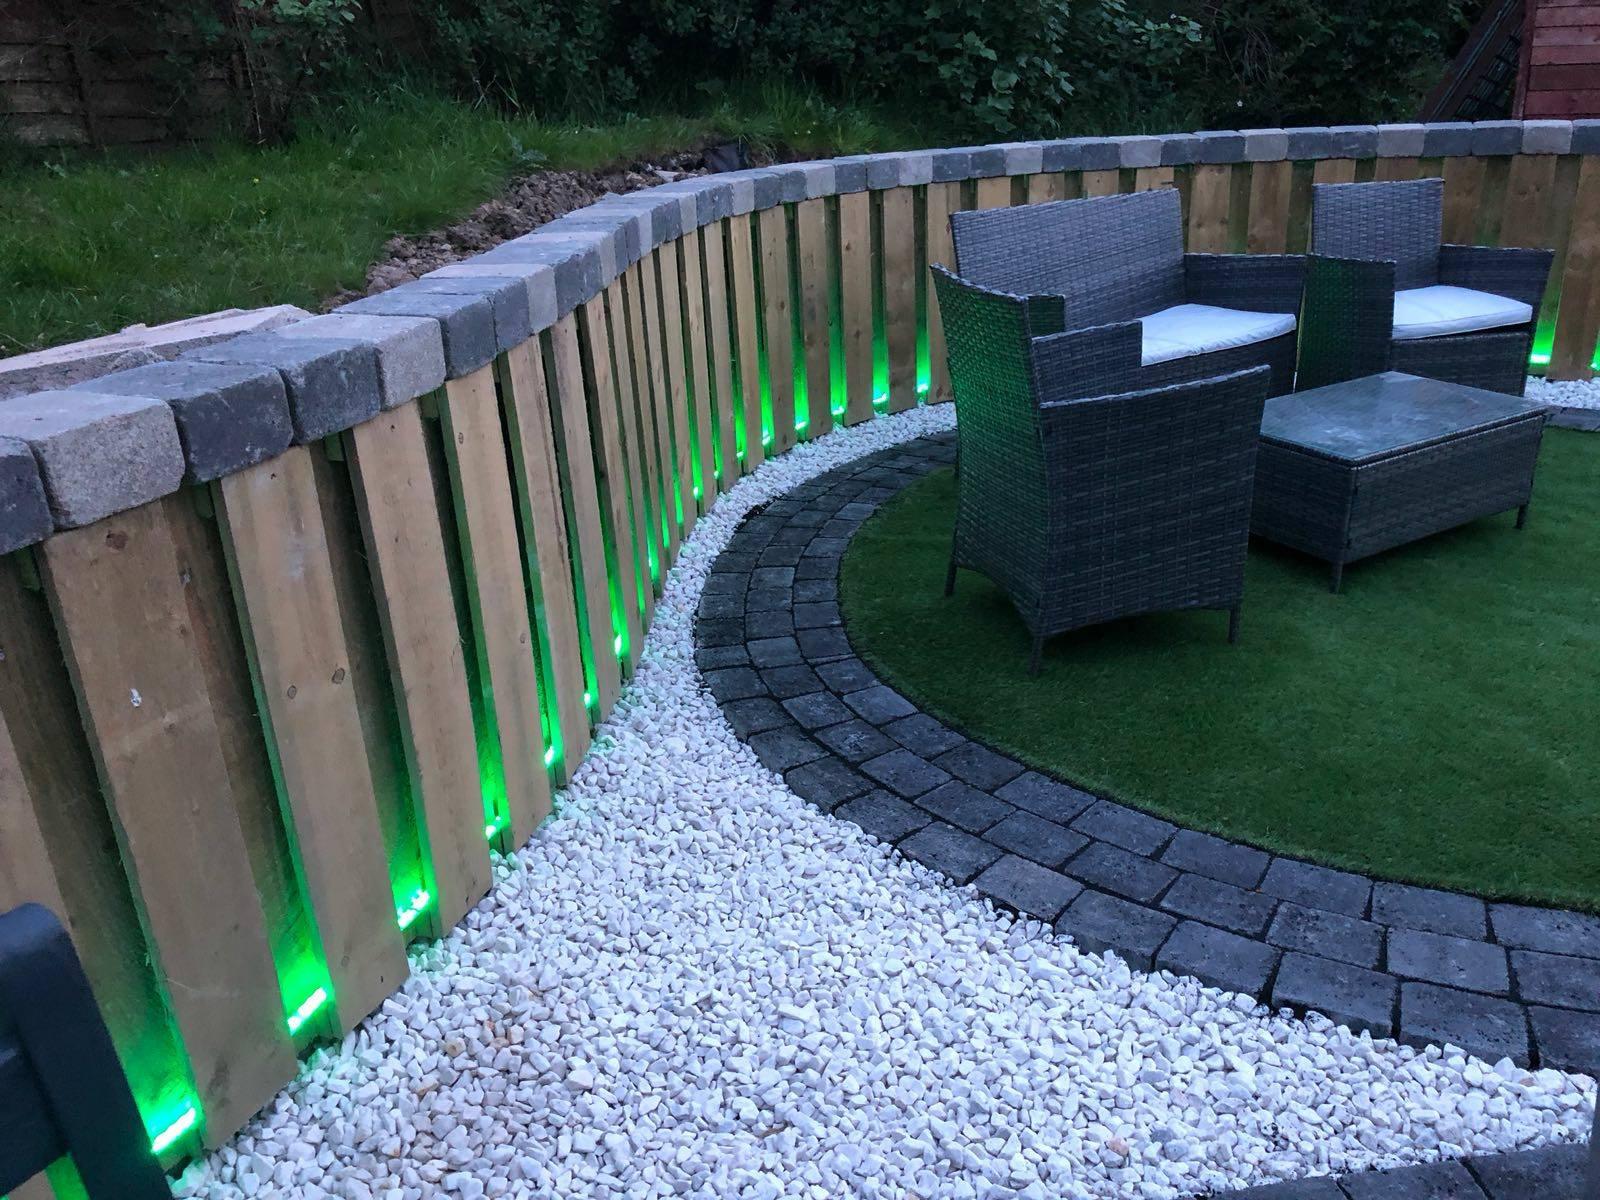 Hepburn Landscaping Garden Design Paisley Landscapers Paisley Landscaping Paisley Driveways Paisley